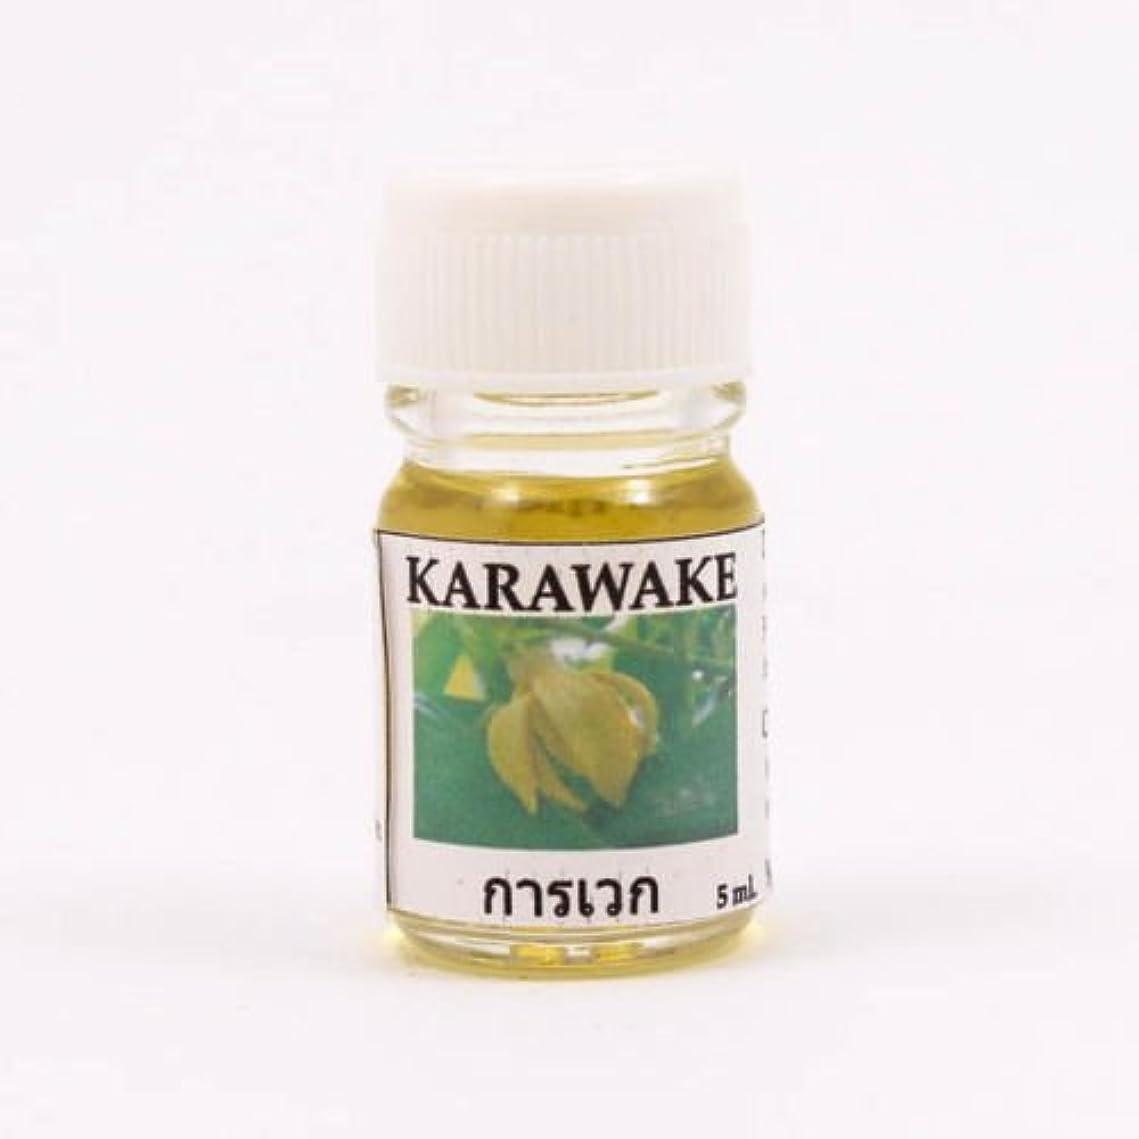 ネット花弁担当者6X Karawake Aroma Fragrance Essential Oil 5ML. cc Diffuser Burner Therapy